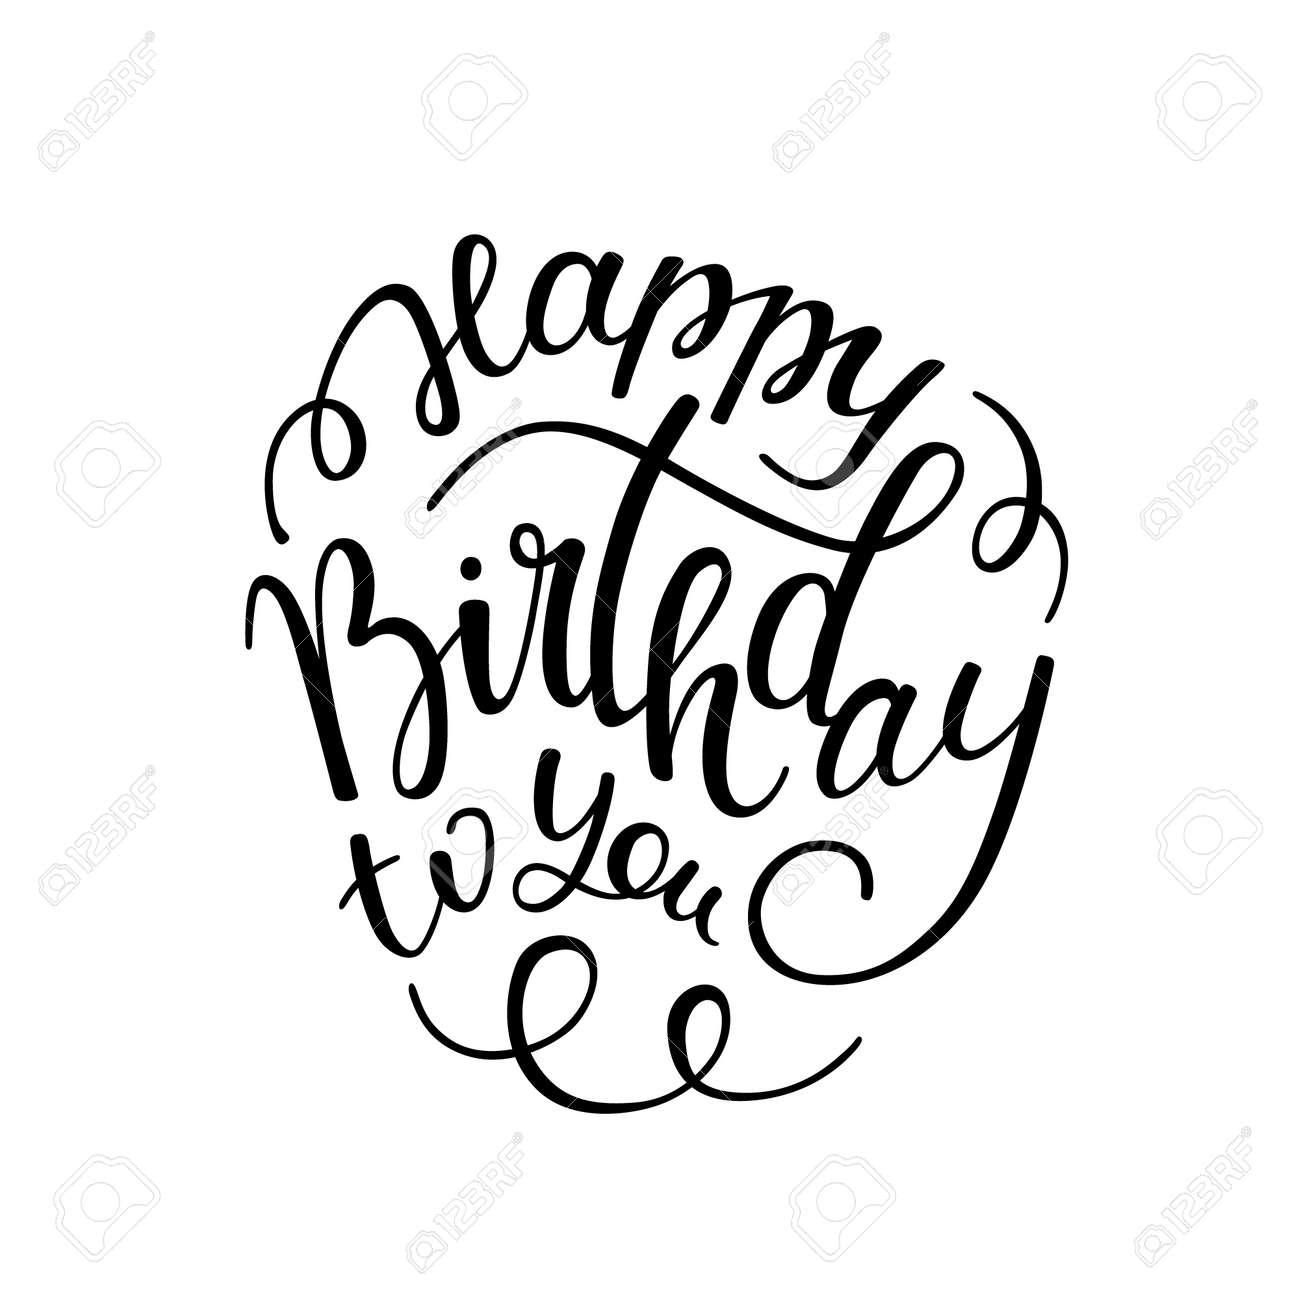 おめでとう 誕生 イラスト 日